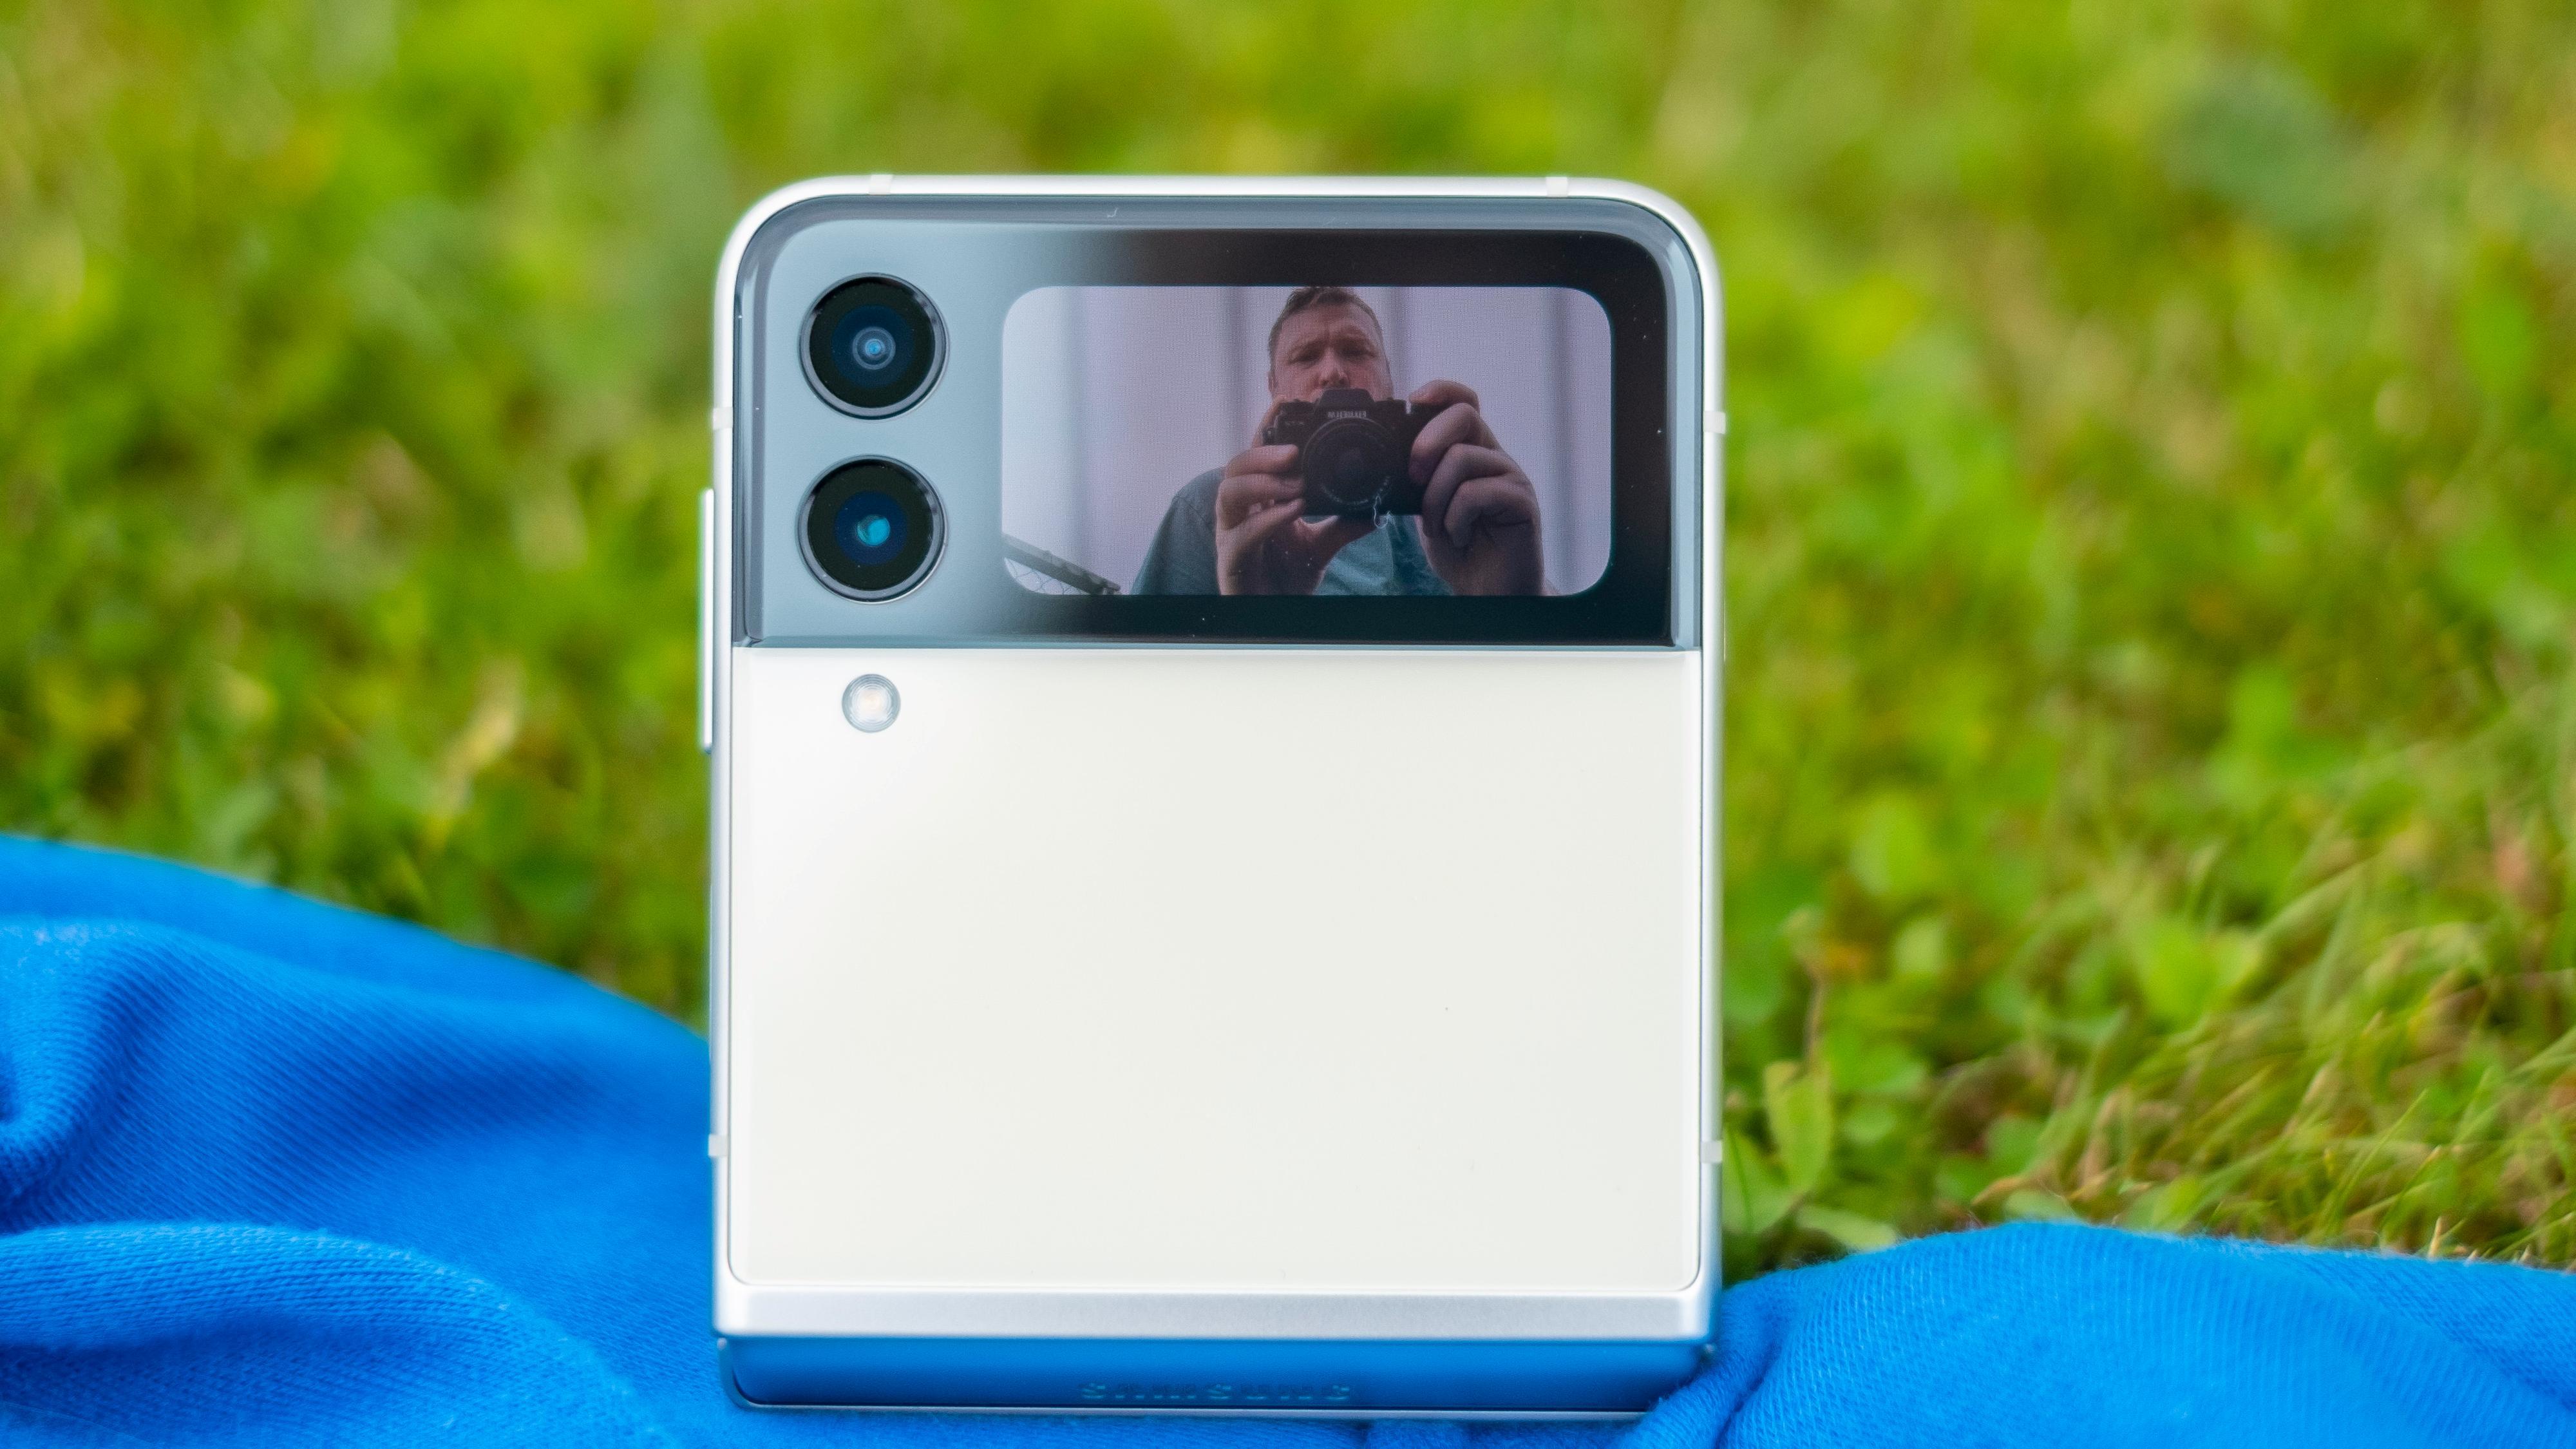 Du kan fint ta selfier med ytterkameraet og bruke den eksterne skjermen som søker.